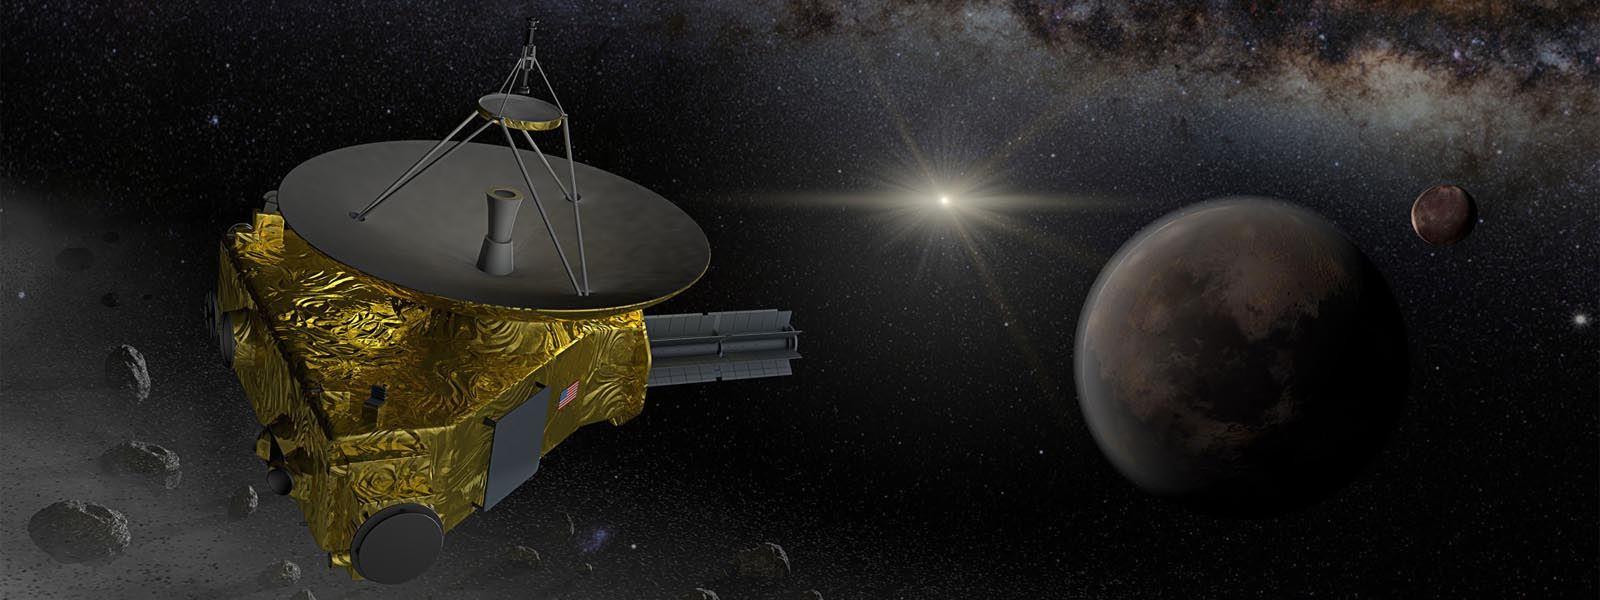 5 rzeczy, które powinieneś wiedzieć o misji New Horizons